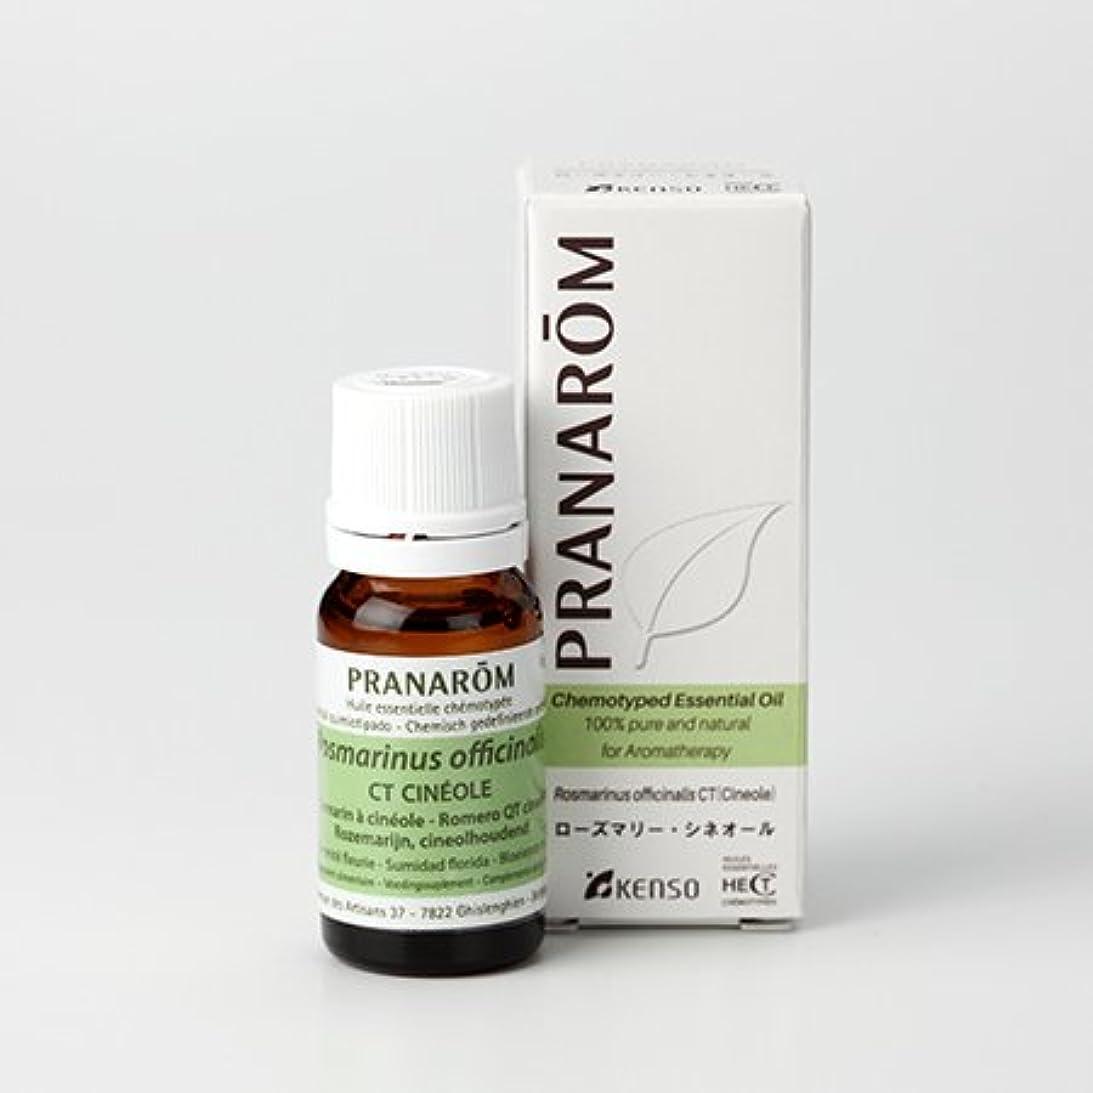 小麦硬い生き物プラナロム ( PRANAROM ) 精油 ローズマリー?シネオール 10ml p-160 ローズマリーシネオール